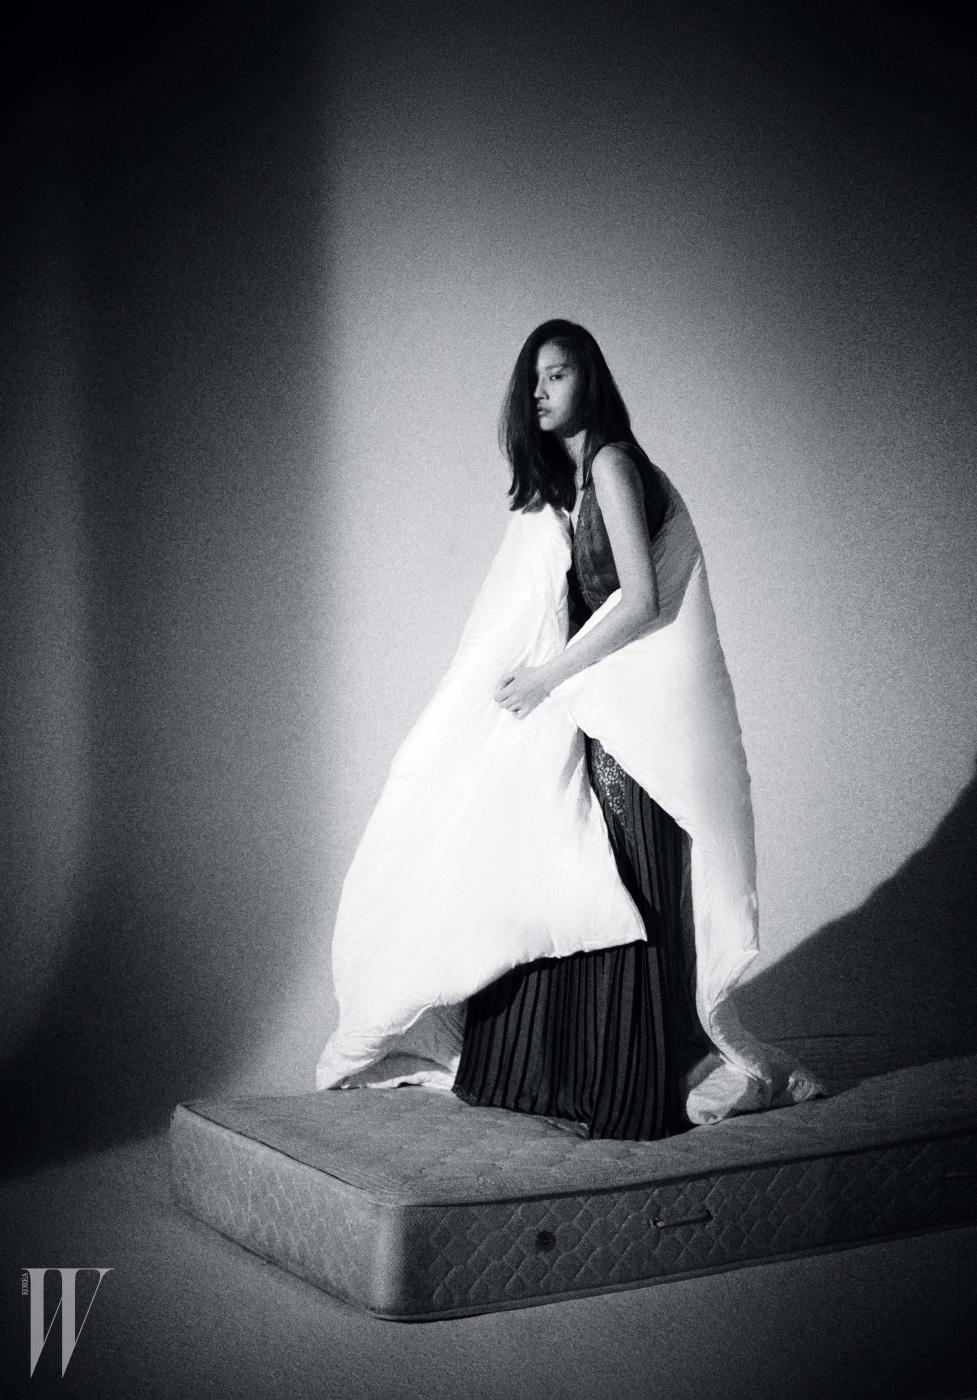 레이스, 주름 장식 슬립 드레스는 Stella McCartney 제품.